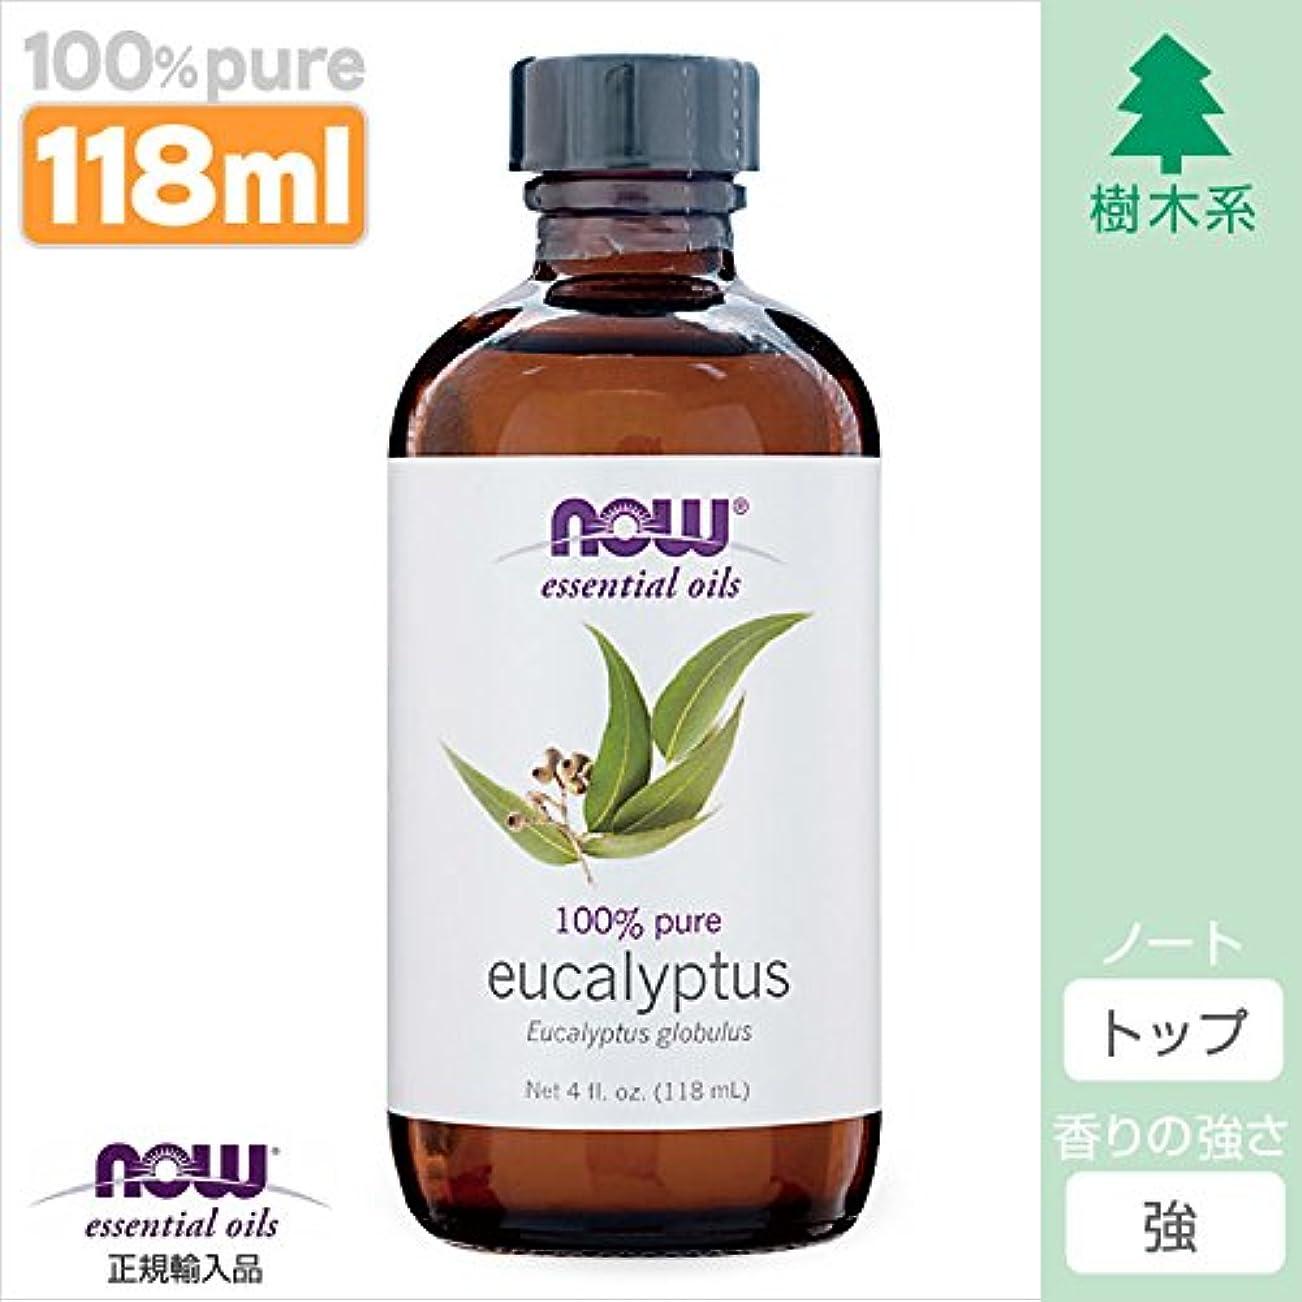 カリキュラムリラックスした環境に優しいユーカリ精油[118ml] 【正規輸入品】 NOWエッセンシャルオイル(アロマオイル)